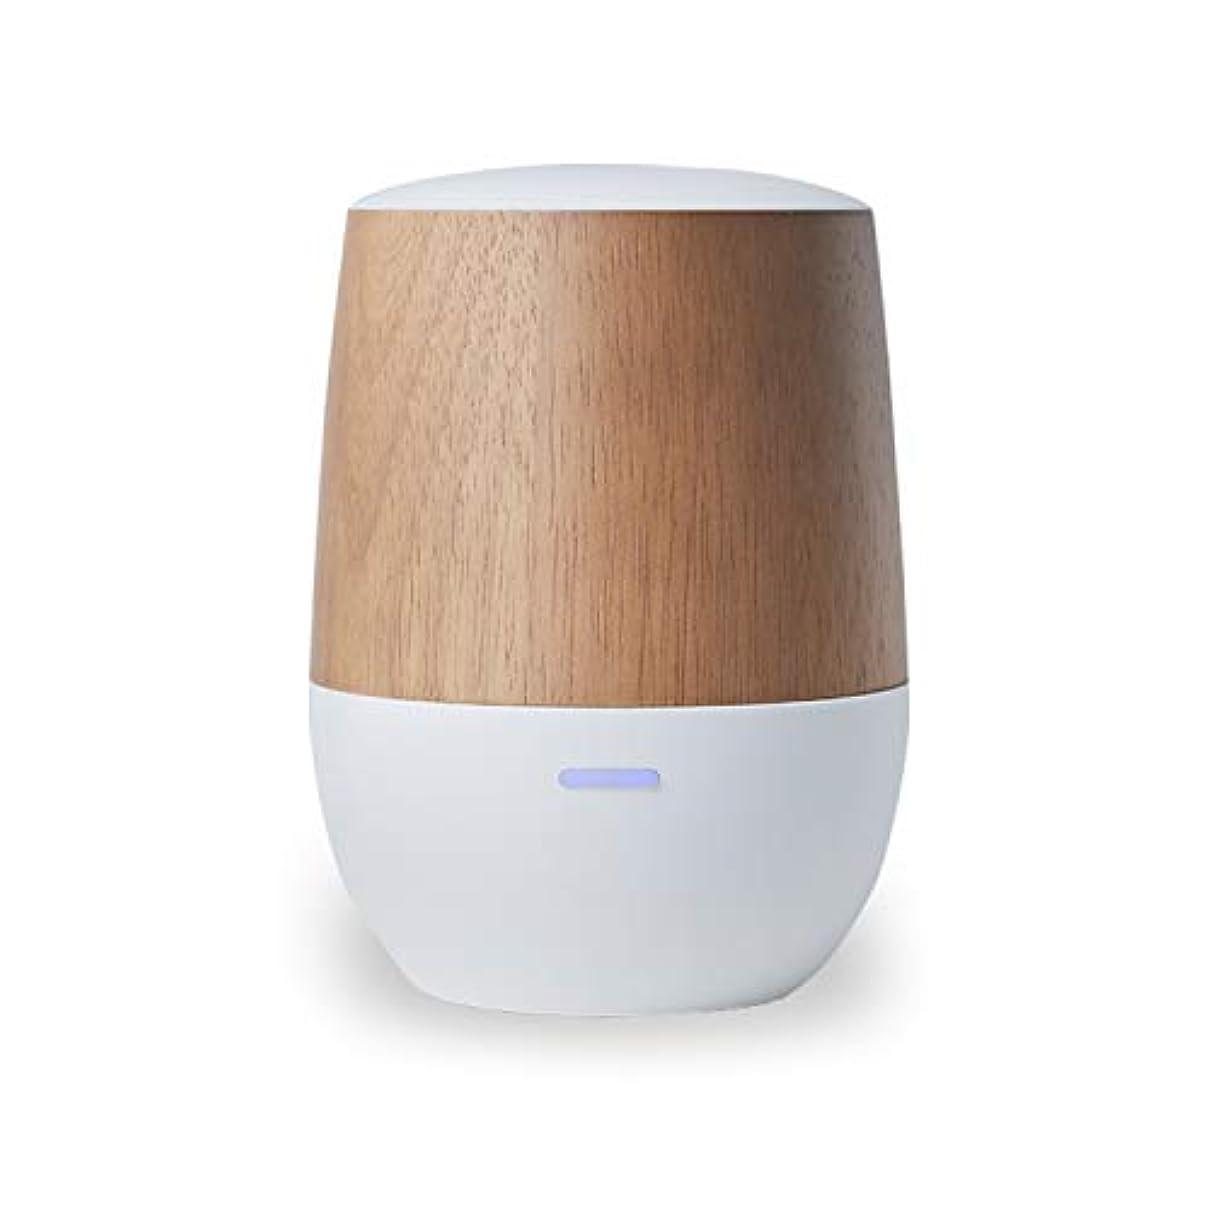 サイト香水シングルLOWYA(ロウヤ)アロマディフューザー 水を使わない ネプライザー式 USB 木目 小型 1年保証 アロマオイル対応 ホワイト/ウッド